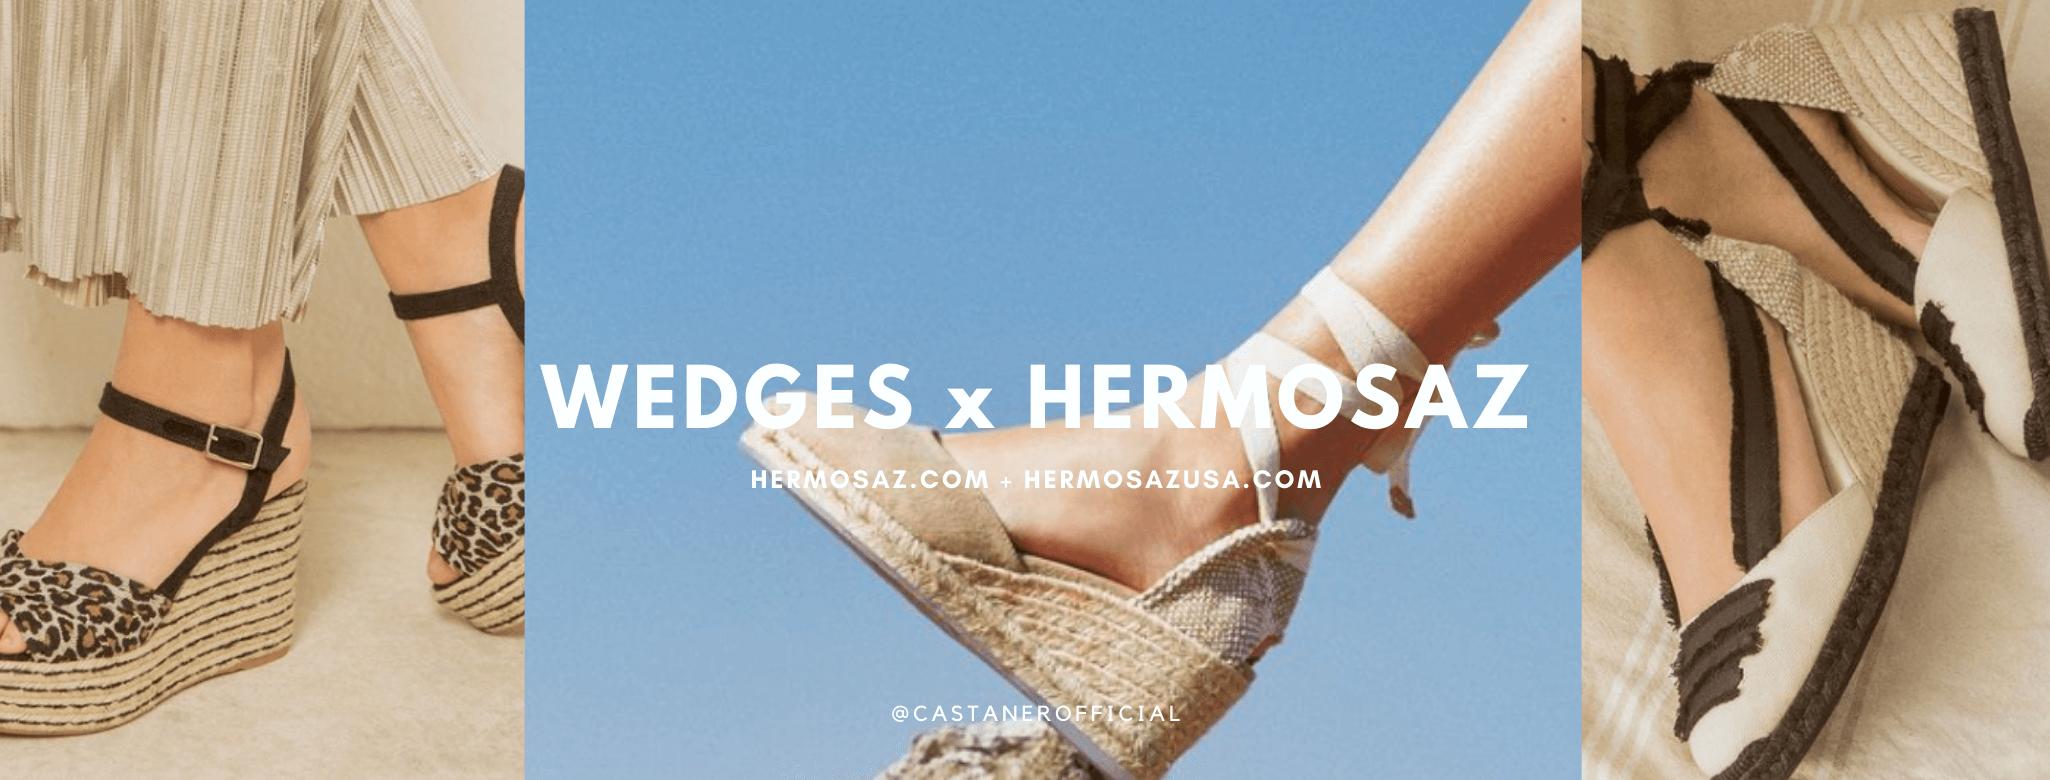 Wedges x Hermosaz